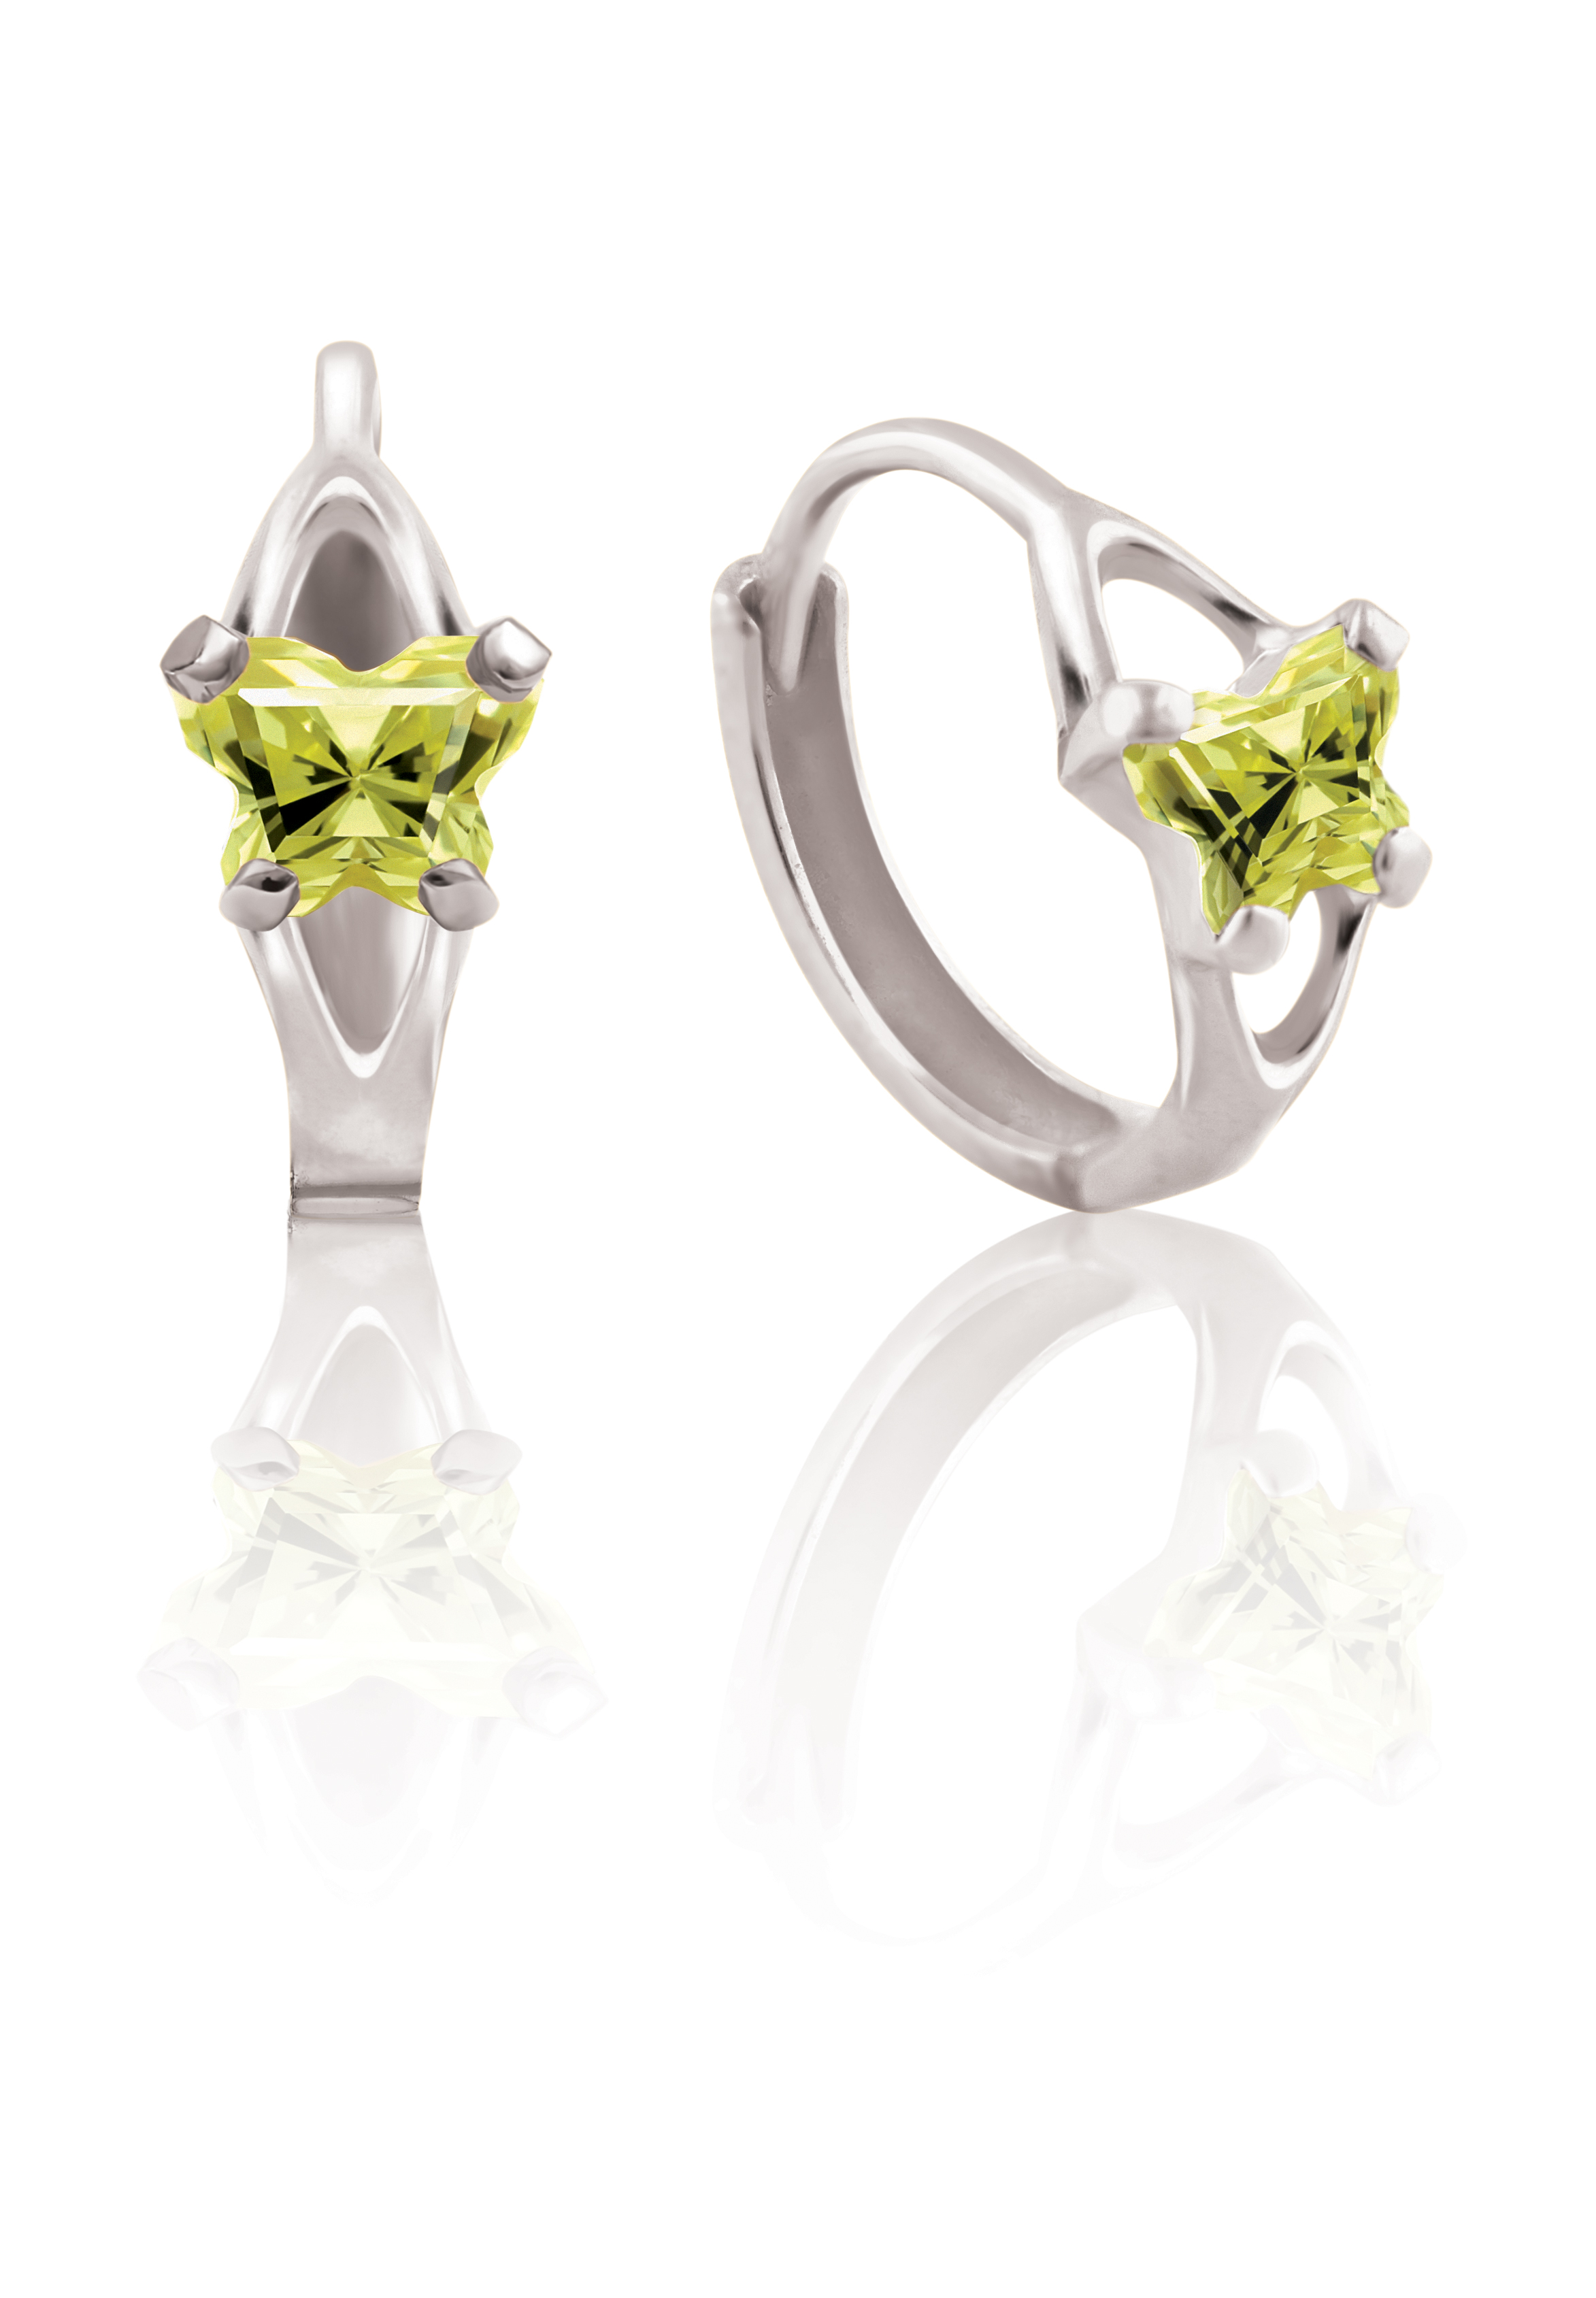 Boucles d'oreilles BFLY de genre Huggies pour bambins en argent sterling serties de zircons cubiques vert lime (mois d'août)